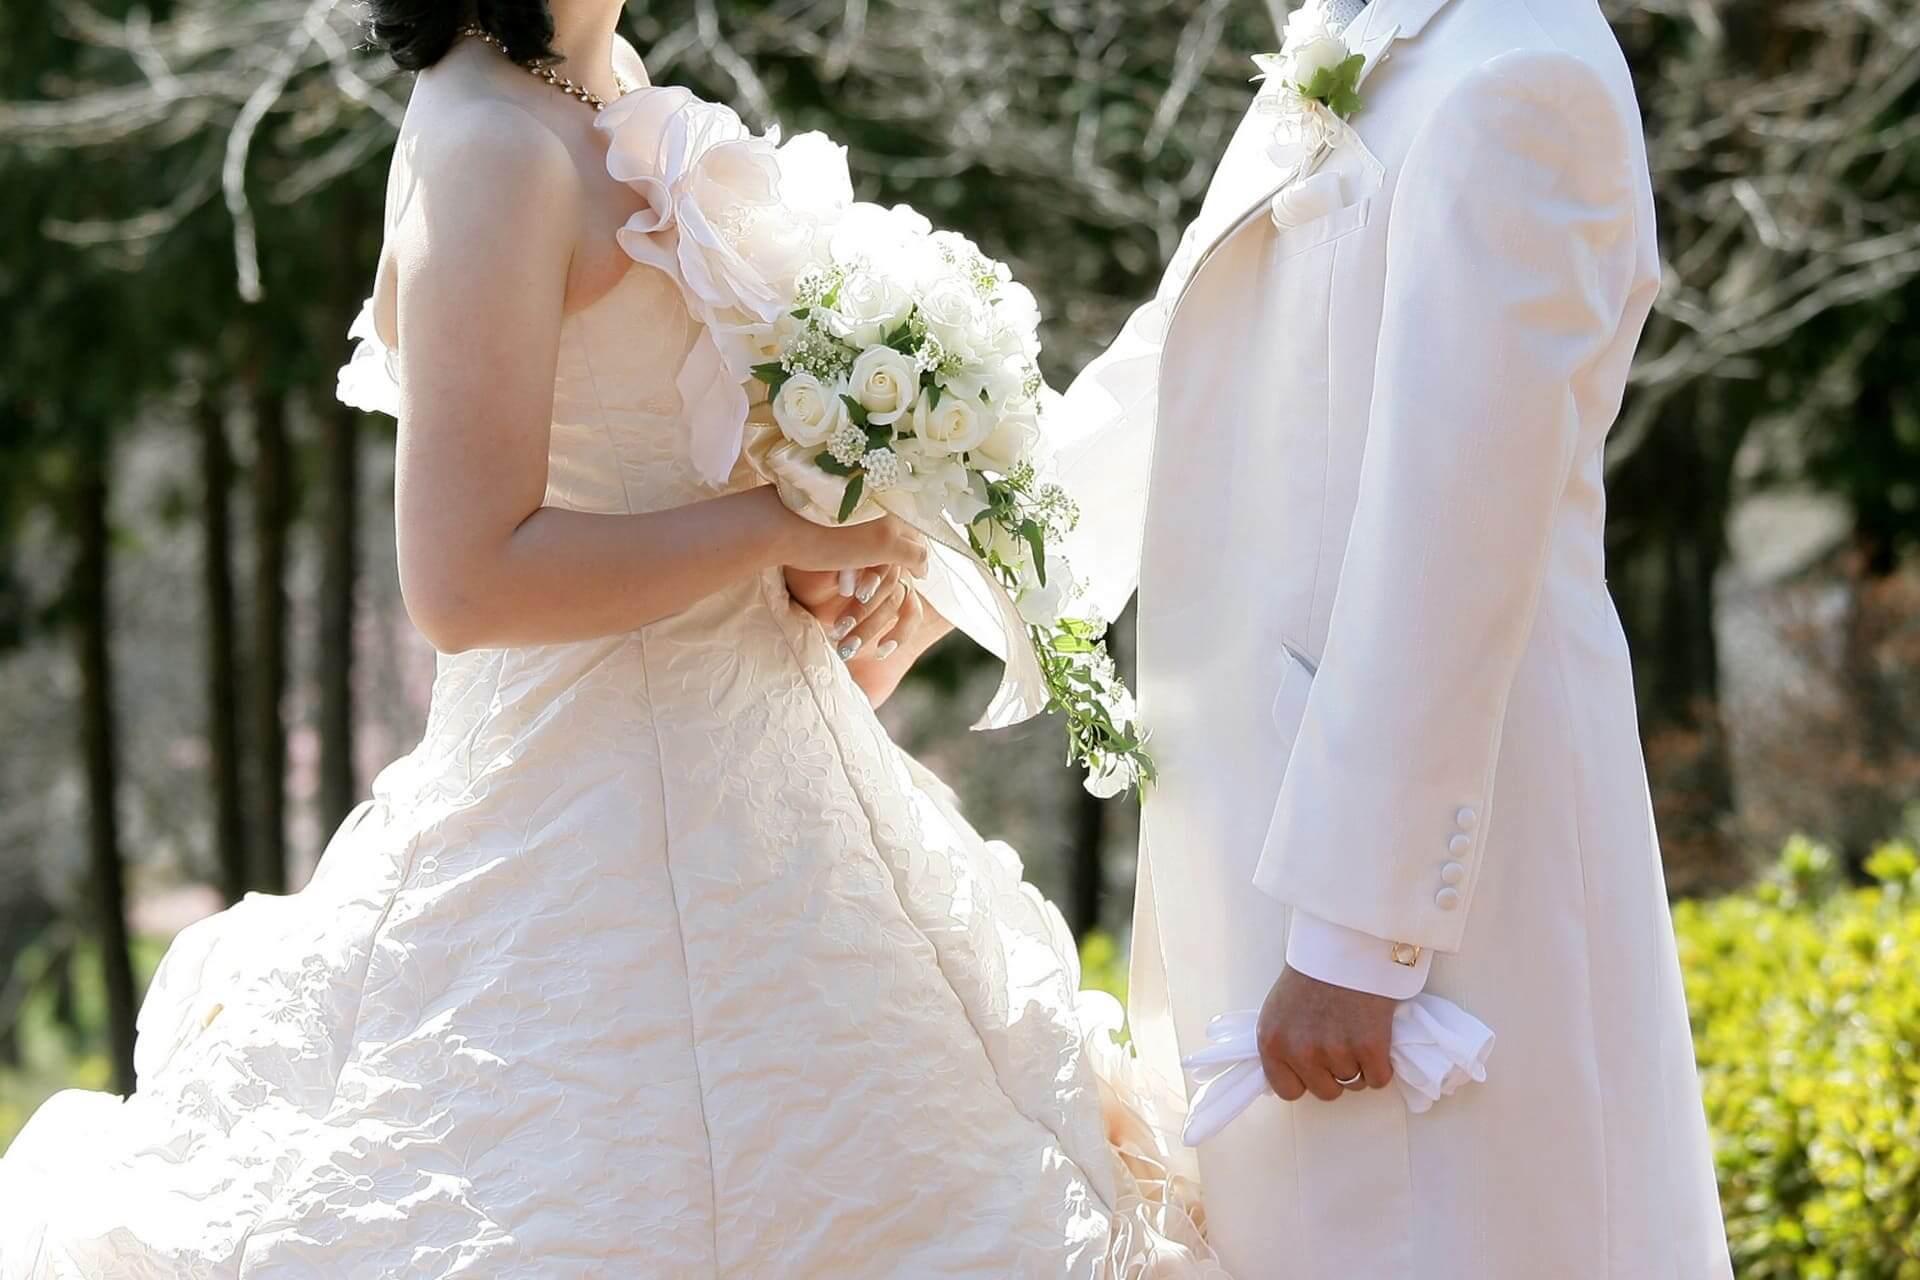 2021年、出会ってから結婚まで!スピード婚のメリット、相手選びのコツ